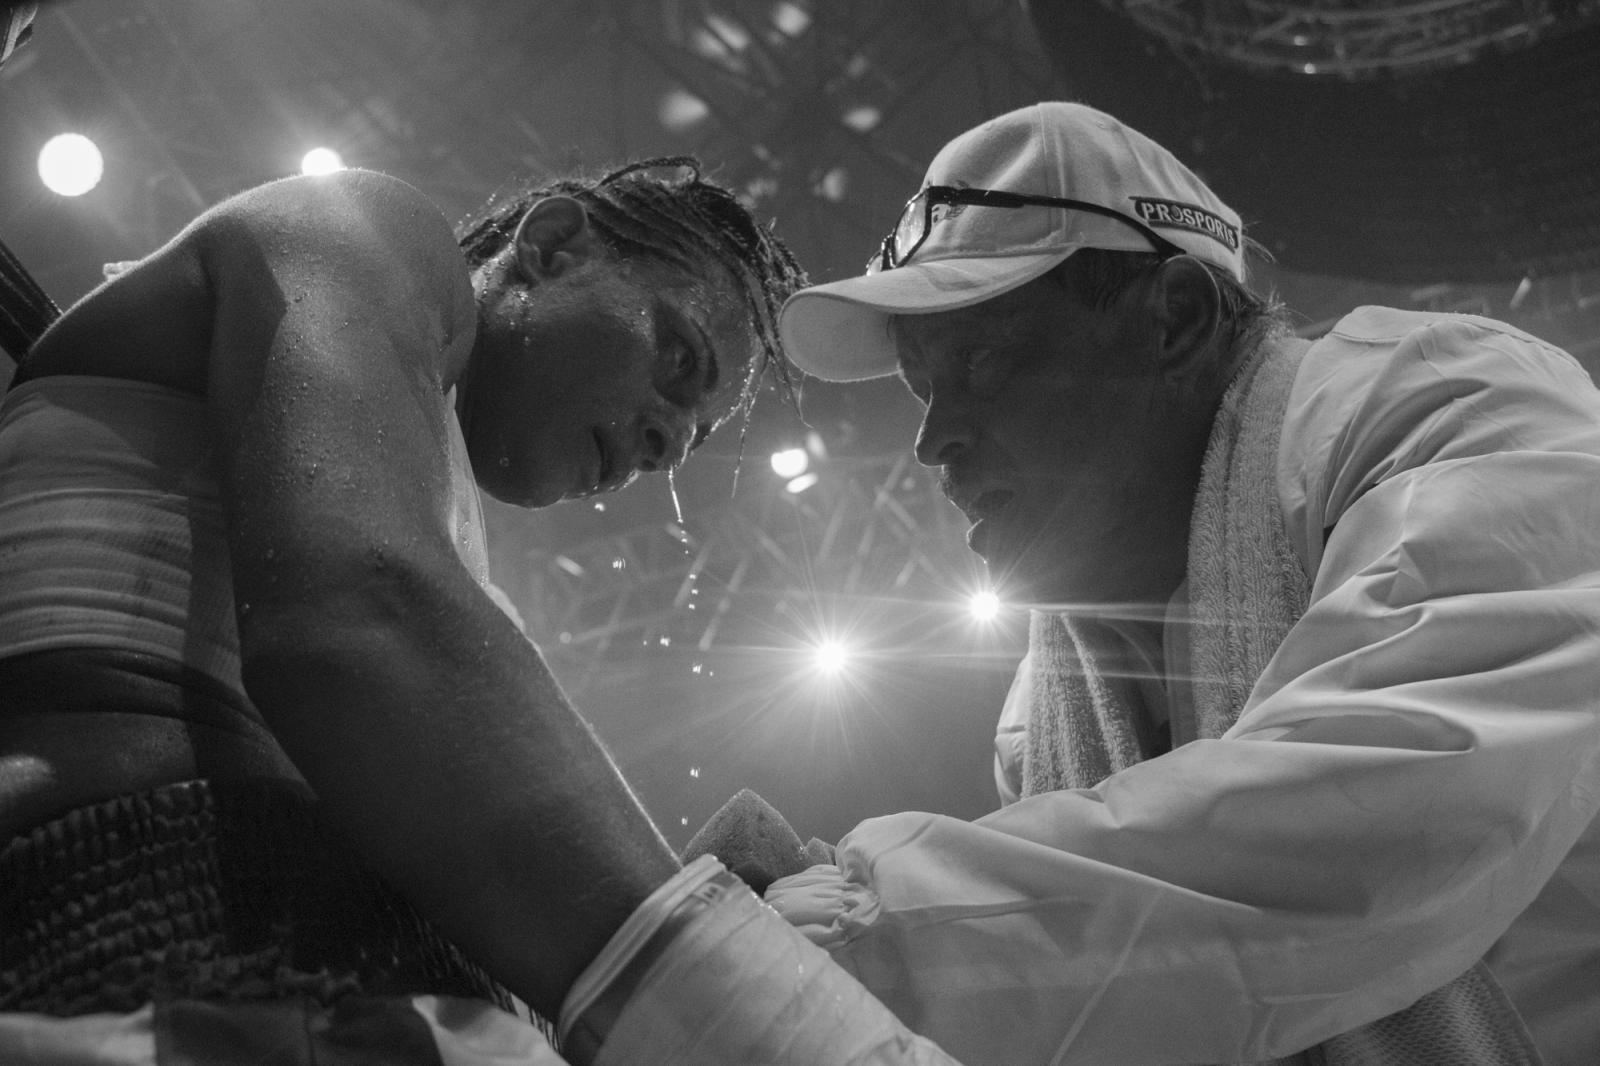 """Jorge Zerpa, entrenador de """"La Monita"""", y la boxeadora, intercambian miradas en medio de un round, durante La Batalla de campeonas. 18.06.2016, Maiquetía, Venezuela."""